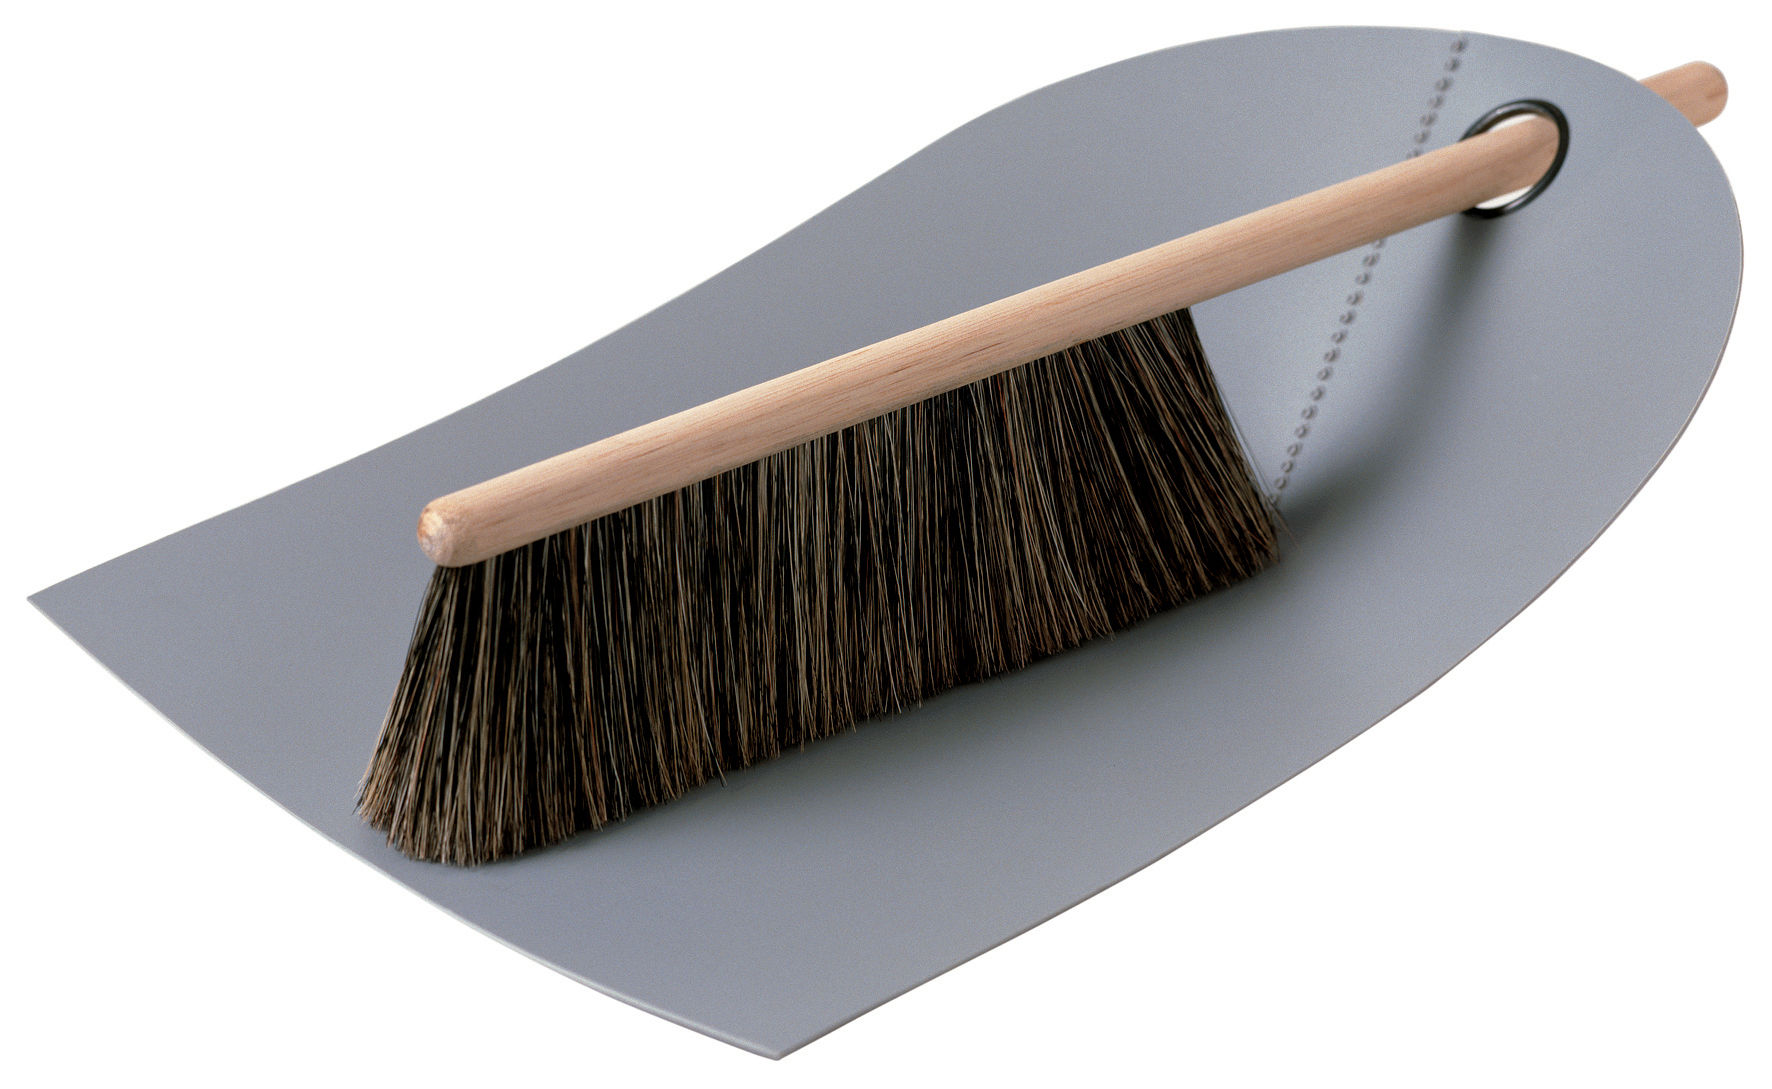 Cuisine - Vaisselle et nettoyage - Set pelle & balayette Dustpan & broom - Normann Copenhagen - Gris clair - Hêtre, Polypropylène